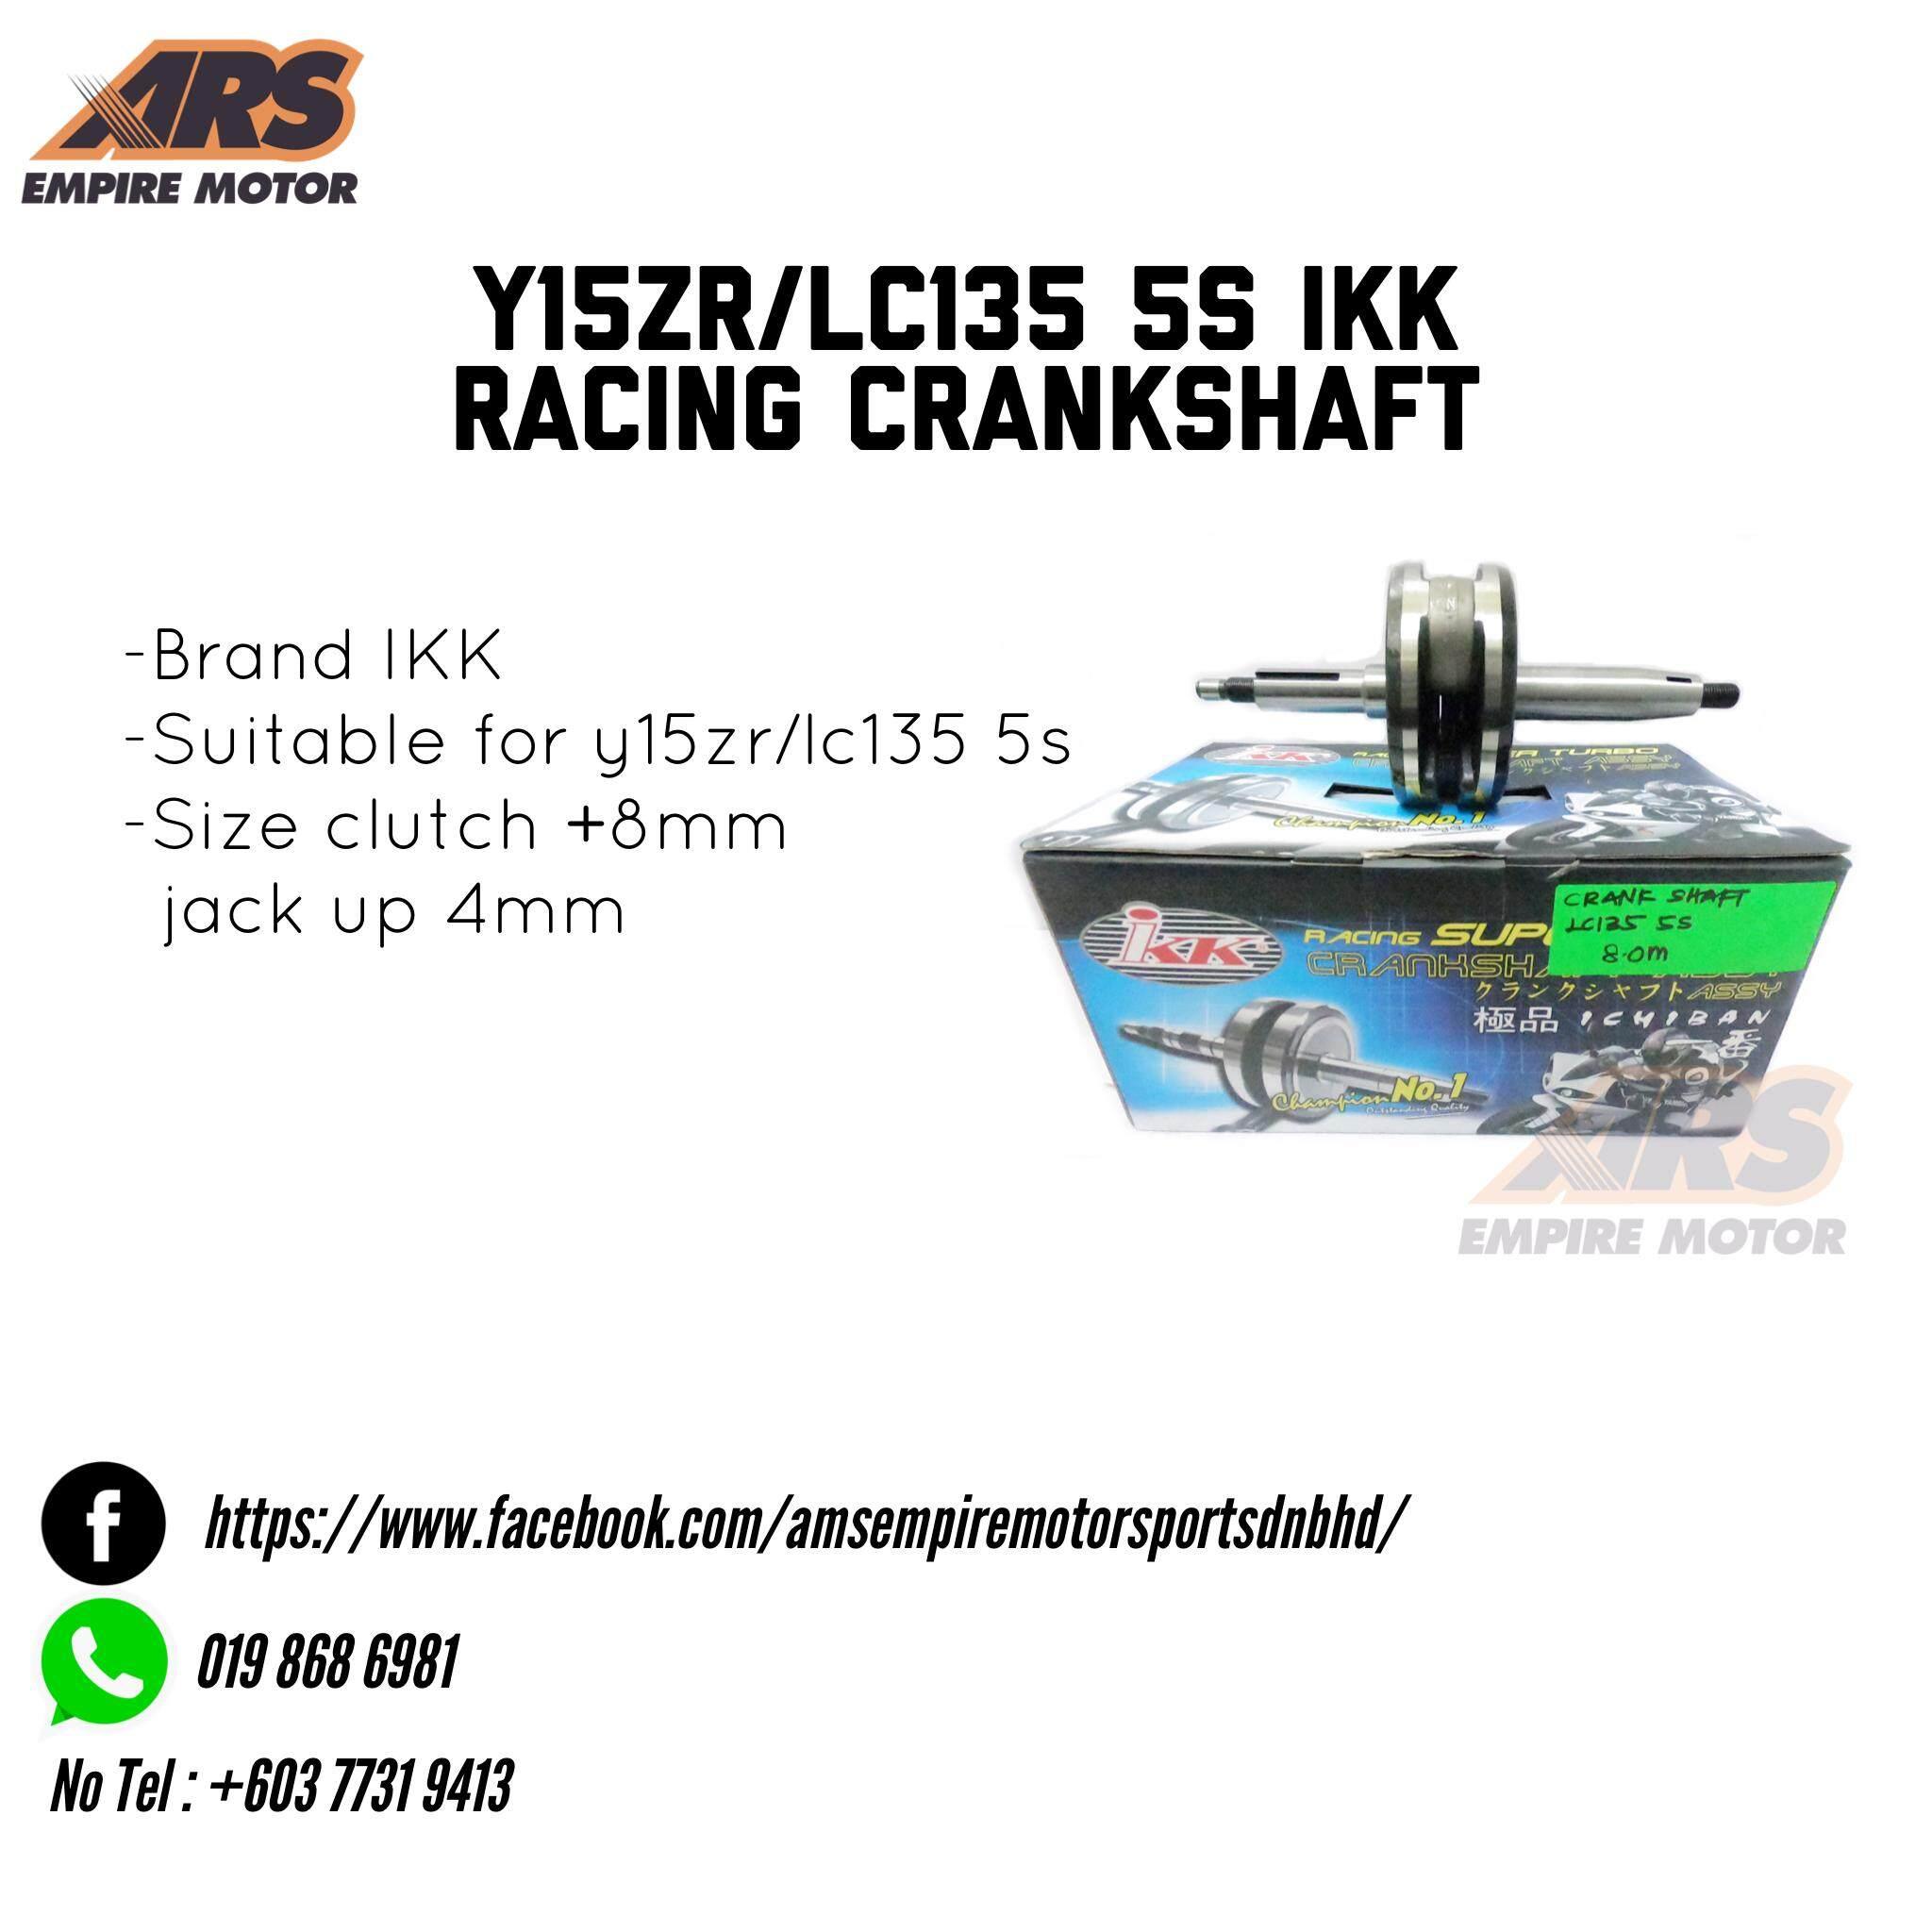 Y15ZR/LC135 5S IKK RACING CRANKSHAFT JACK ROD 4MM